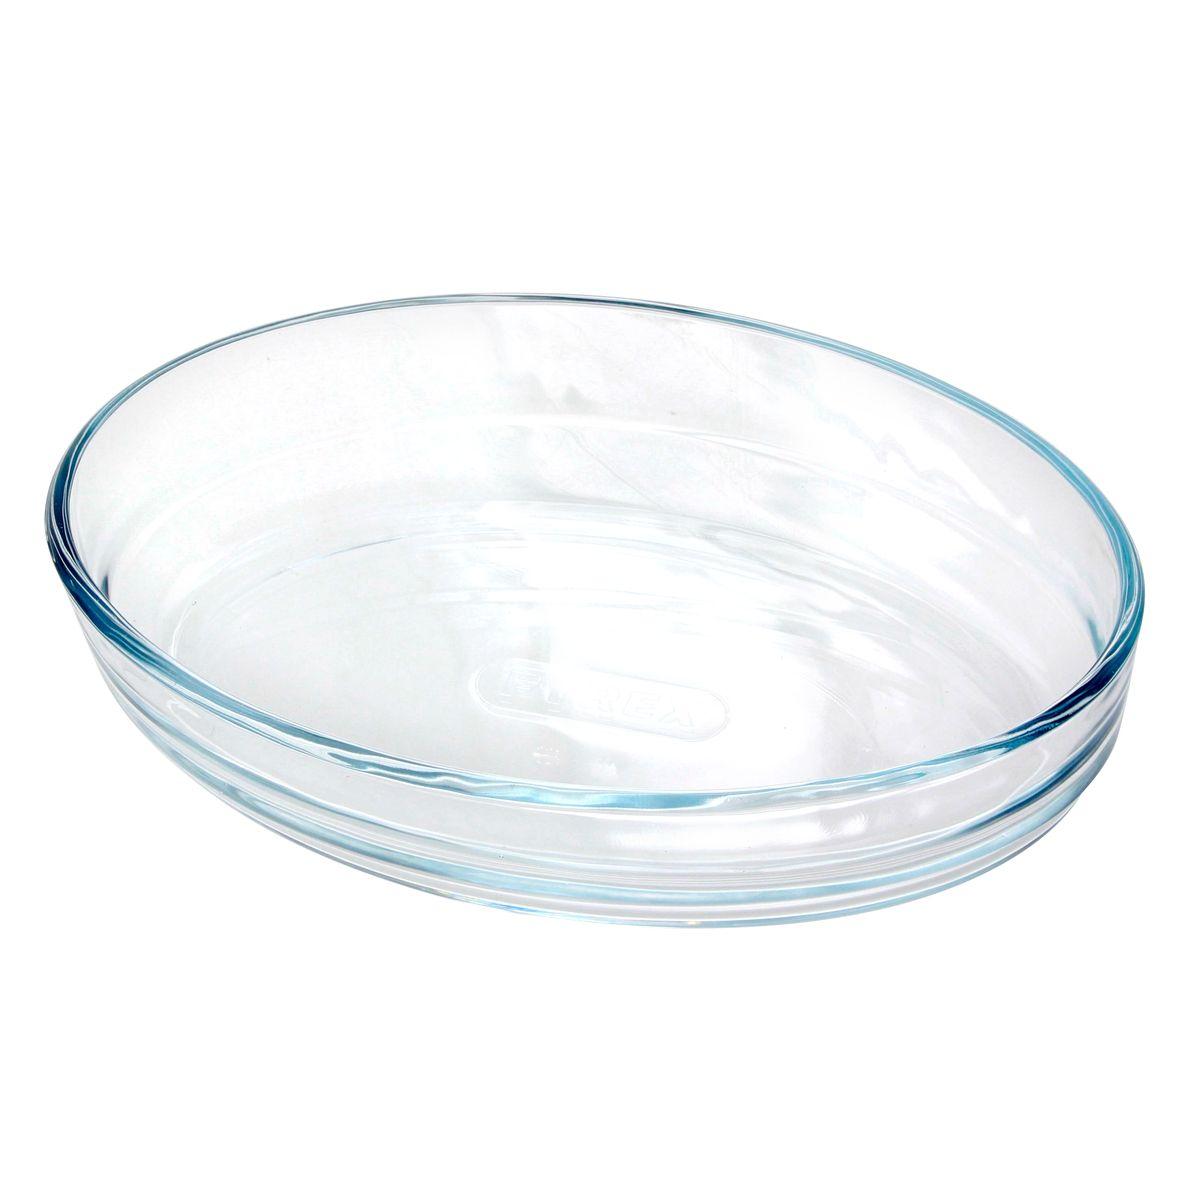 Plat à four en verre  ovale 21 x 13 cm - Pyrex